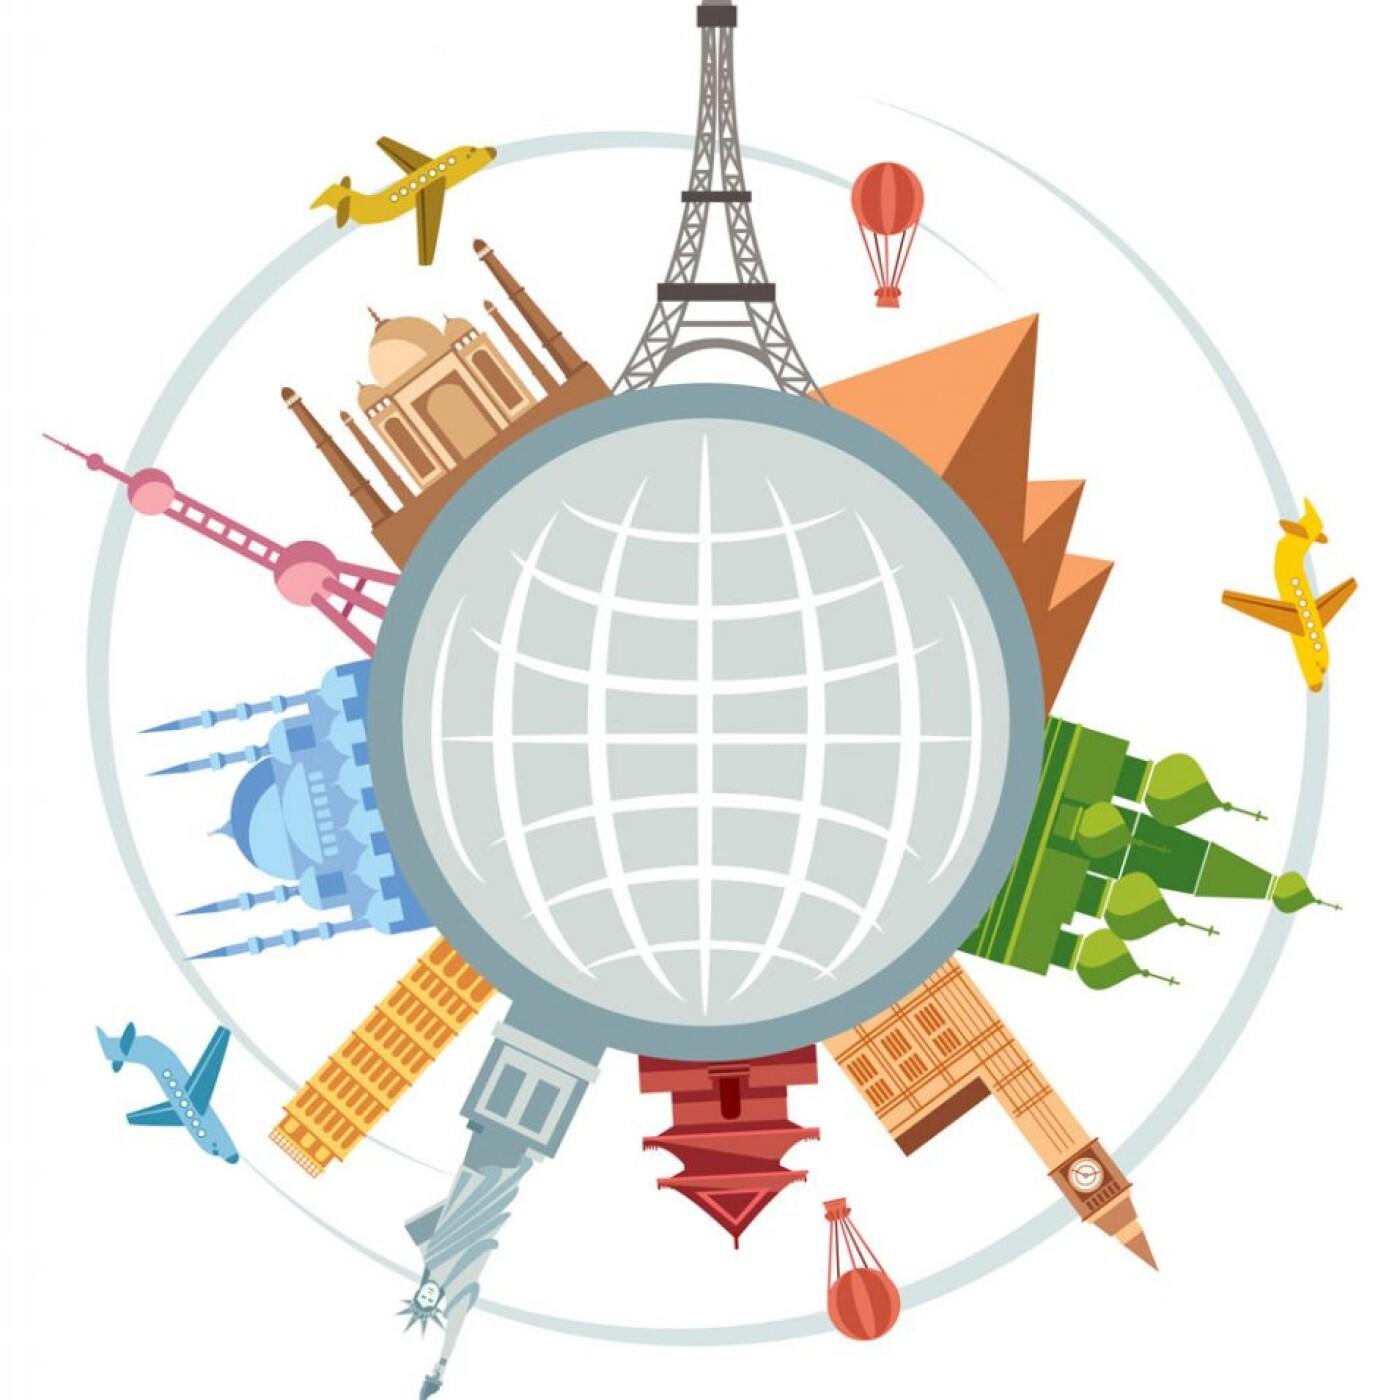 Julie de Pvtiste point net propose 10 conseils pour réussir son PVT - Carte Postale PVT Mars 2021 - StereoChic Radio